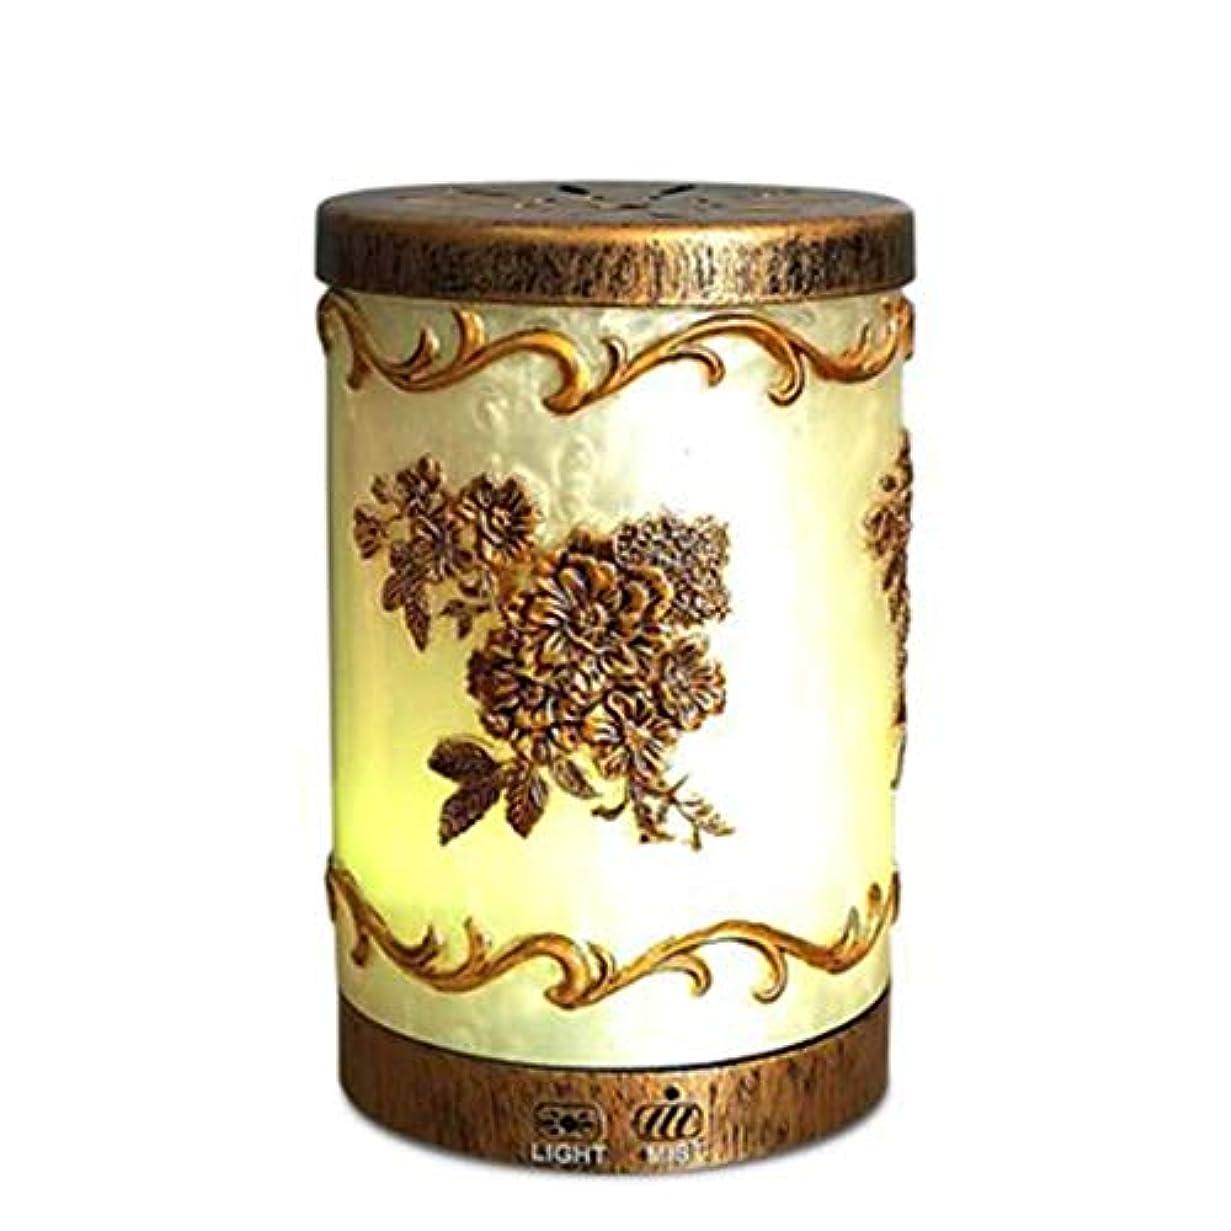 アラスカレオナルドダヒステリック多彩な芳香ランプ、超音波機械、理性的な古典的な浮彫りにされたパターン拡散器の器械 (Color : Natural)